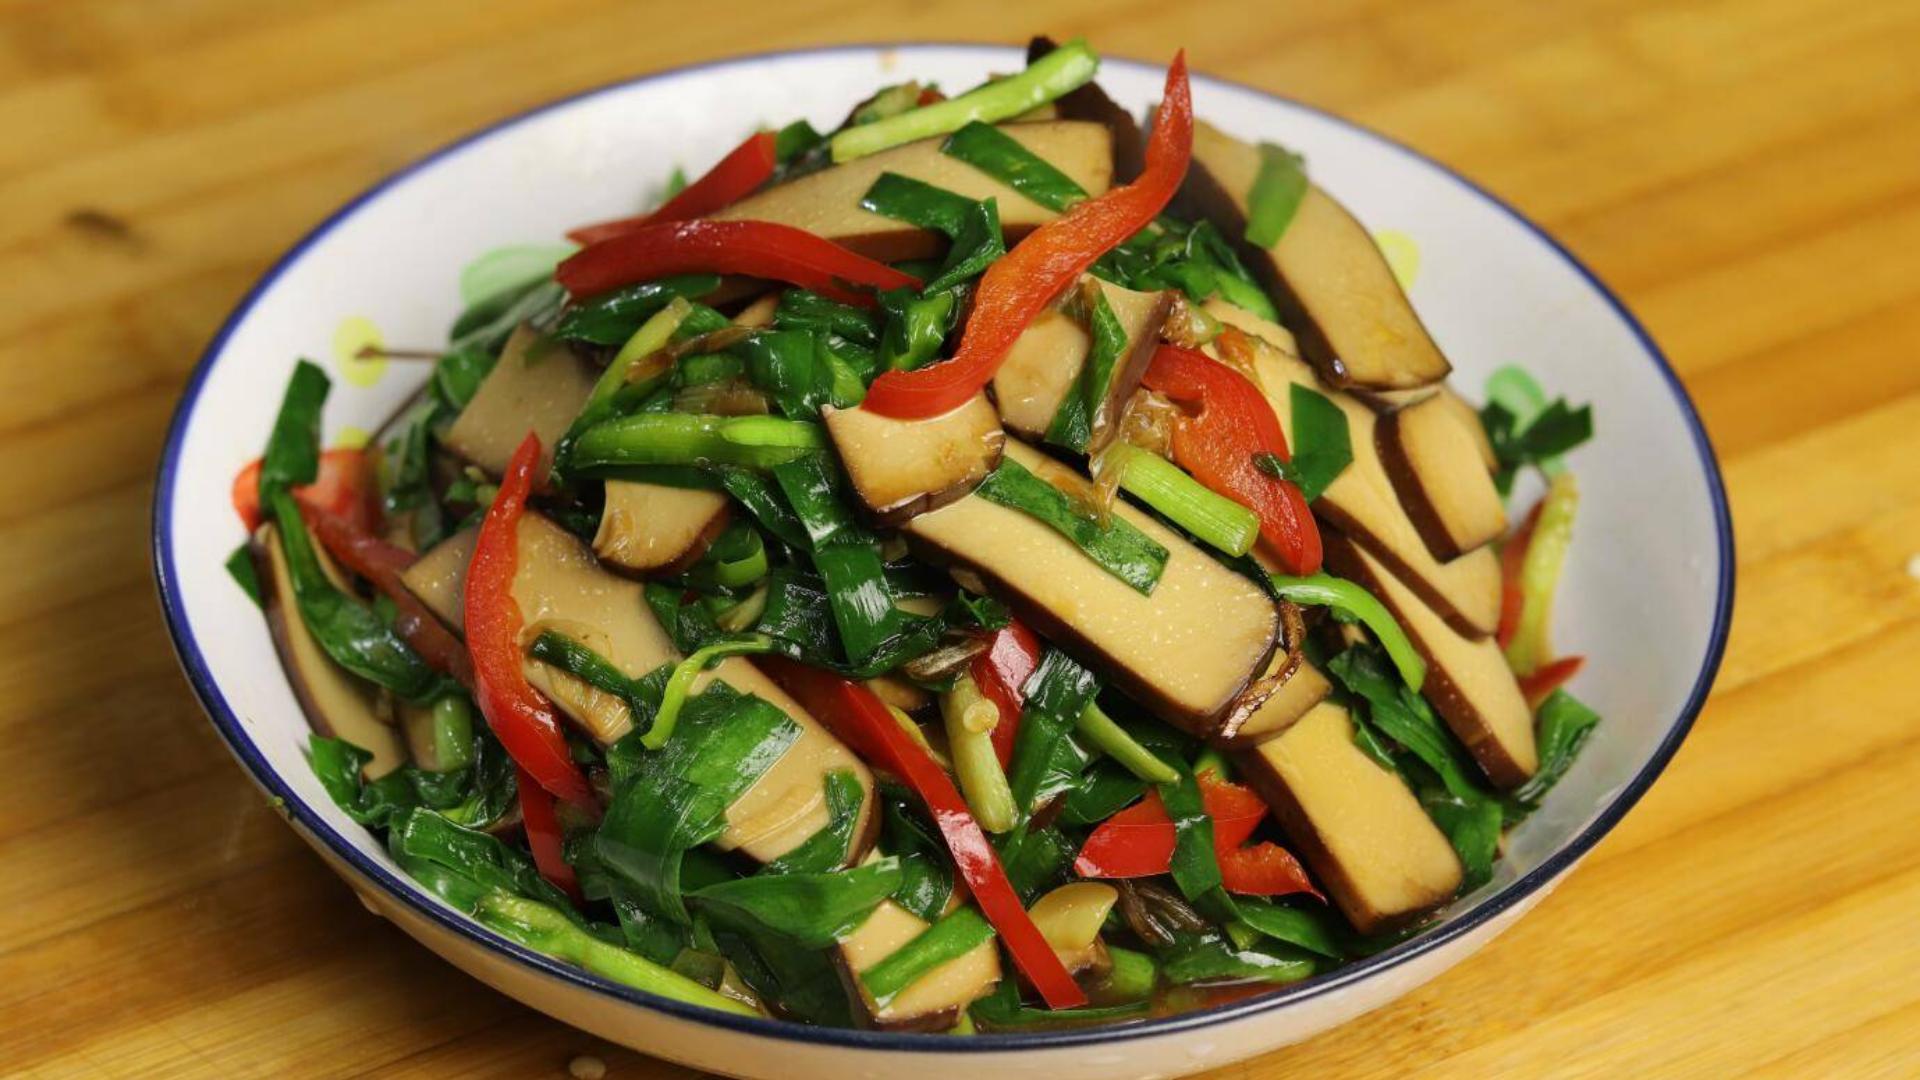 春天要多吃韭菜,小伙做一道快手菜,润肠助消化,简单营养又美味